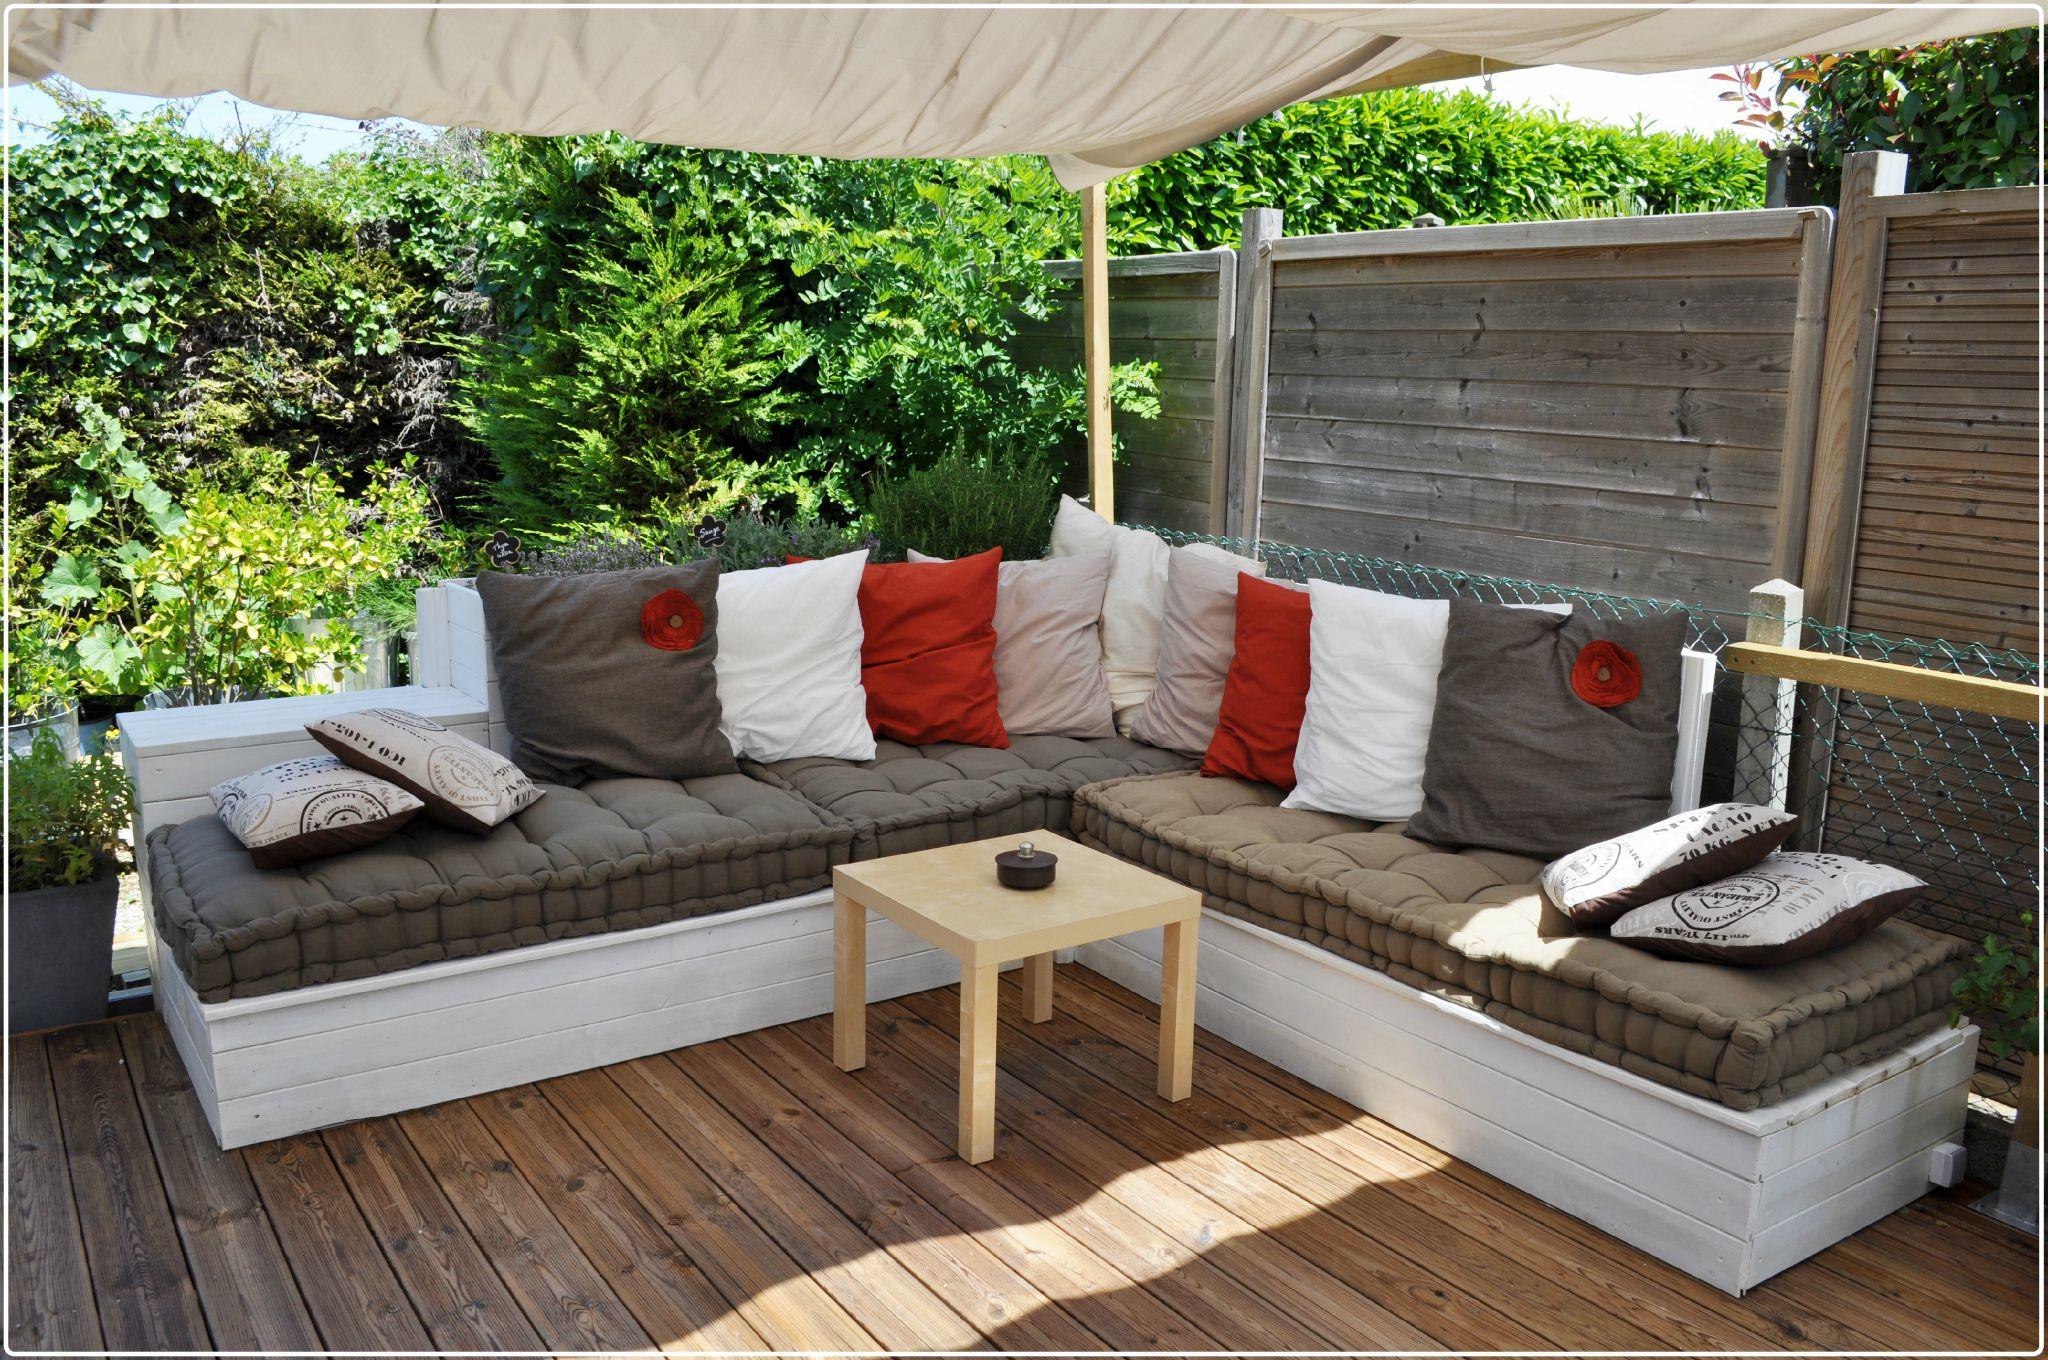 Salon De Jardin Originaux - The Best Undercut Ponytail à Coussin Pour Salon De Jardin En Palette